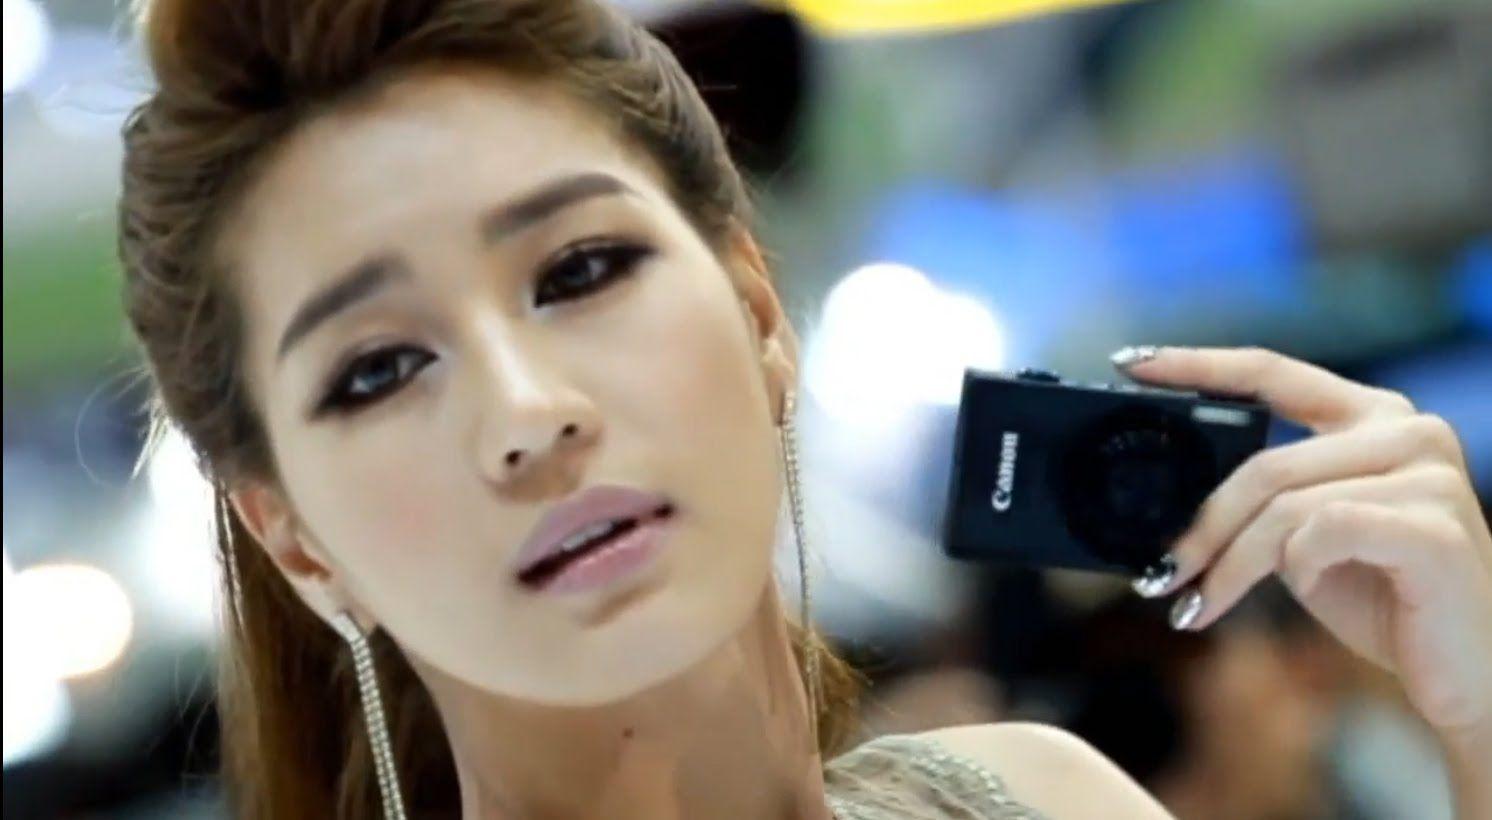 Canon camera show 2015 pretty girls korean show girls part 20 canon camera show 2015 pretty girls korean show girls part 20 voltagebd Gallery